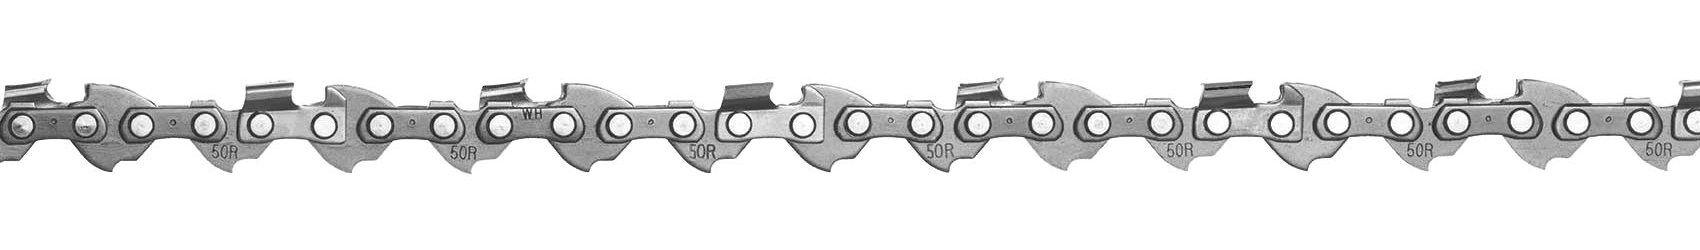 """GARDENA Ersatzkette »CHO014, 00057-76«, für Kettensägen mit 30 cm Schwertlänge, 170 cm Länge, 3/8"""""""